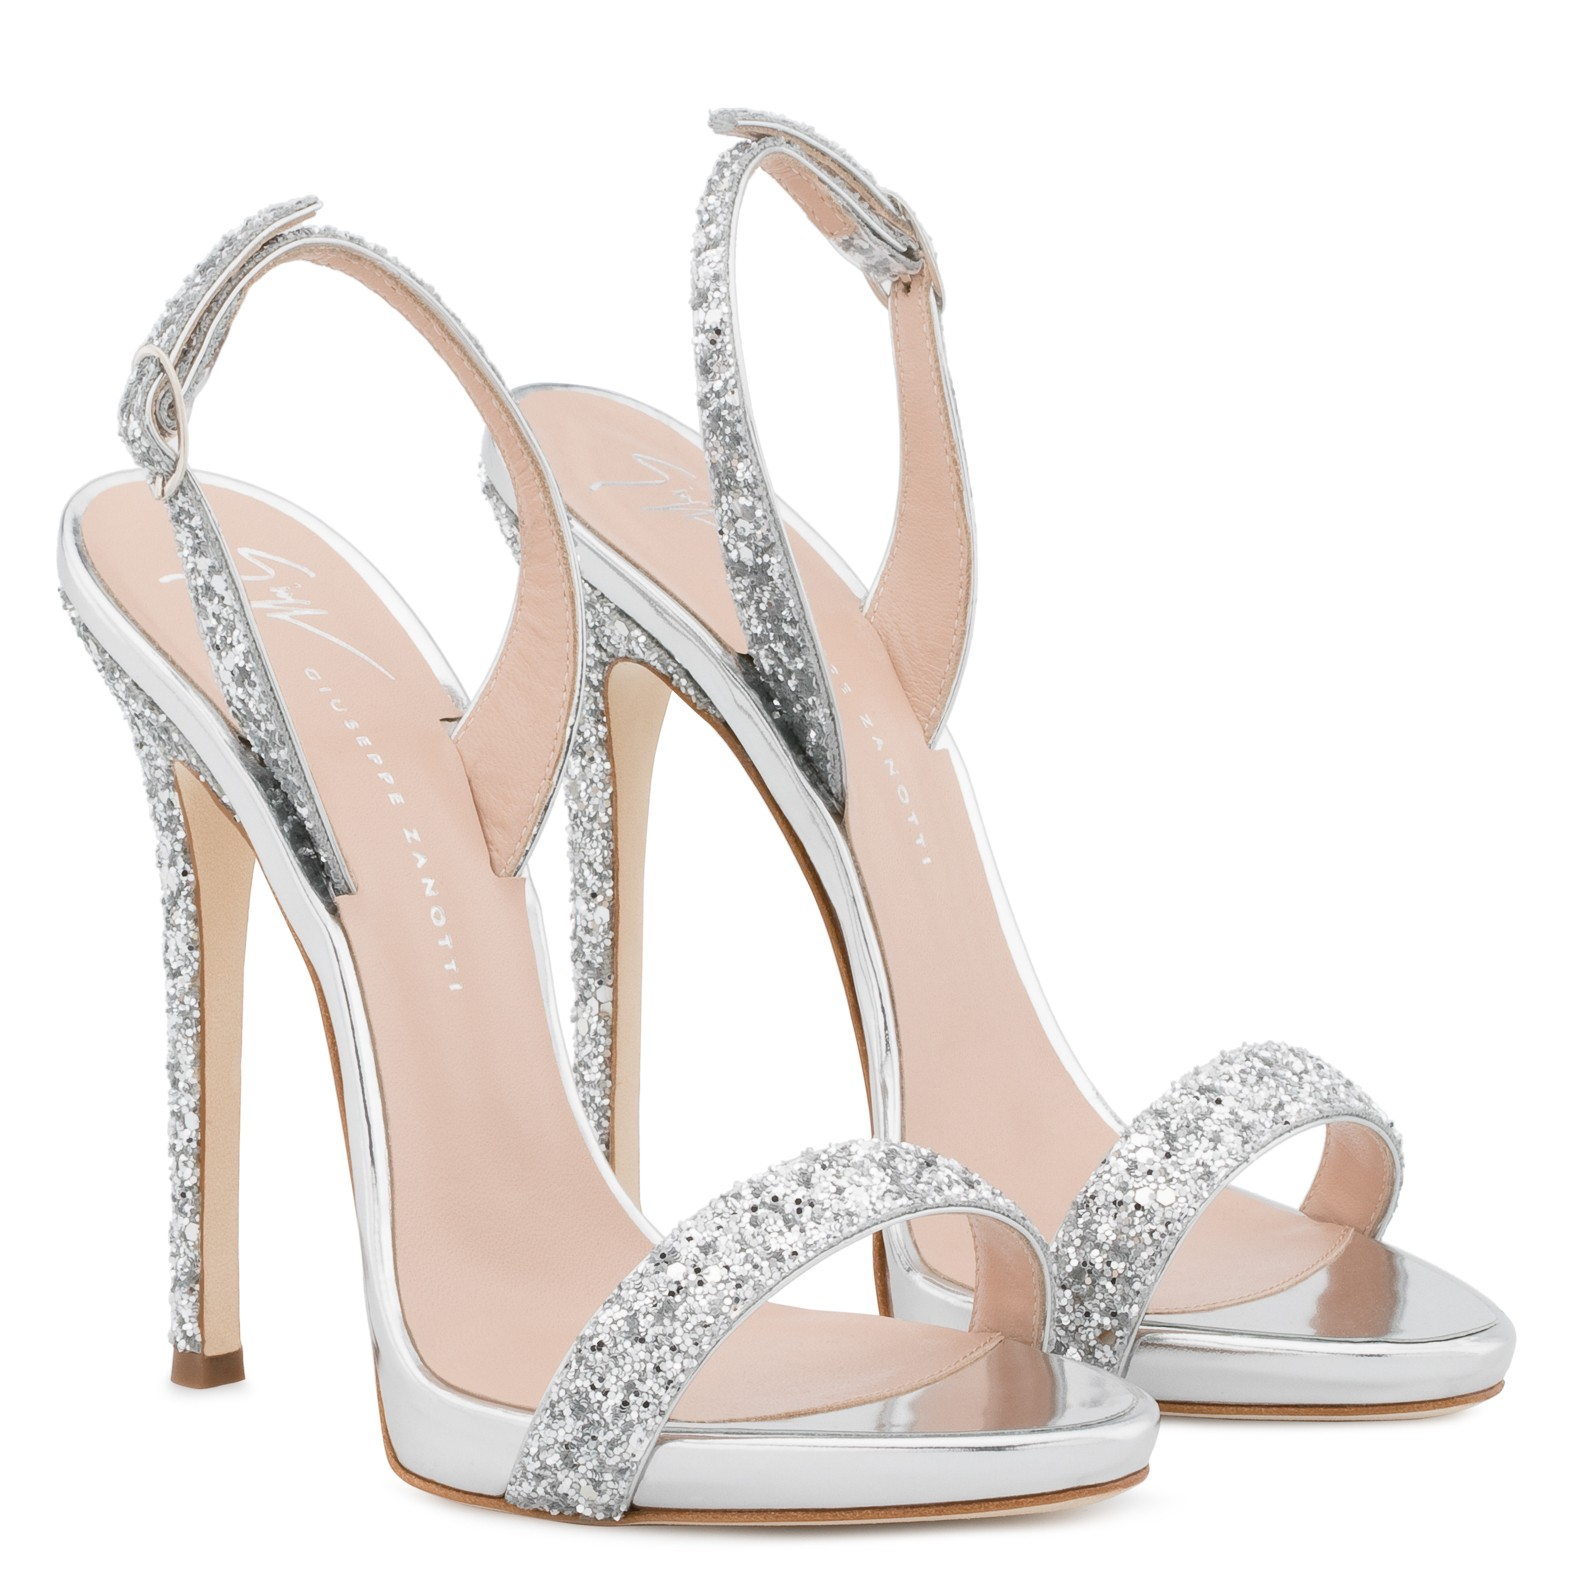 scarpe da cerimonia estate 2018 Sandali gioiello argento con tacco e  plateau Giuseppe Zanotti 31726df40f0